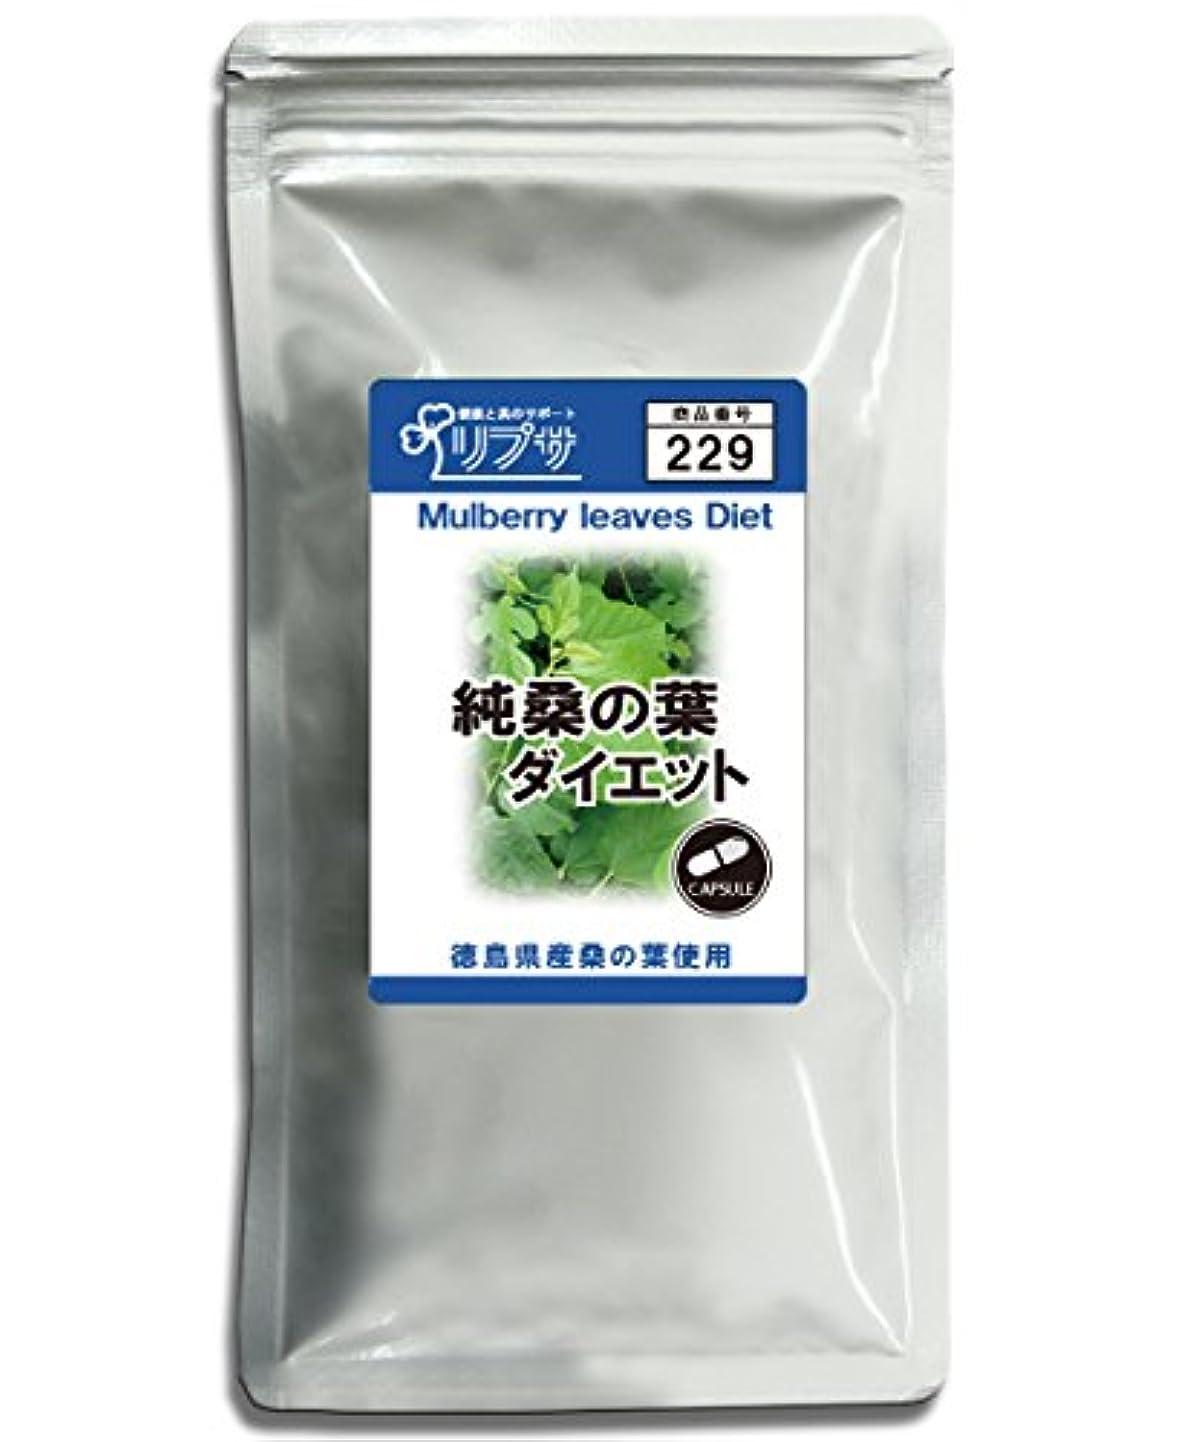 ホイールウェブ疑い純桑の葉ダイエット 約3か月分 C-229